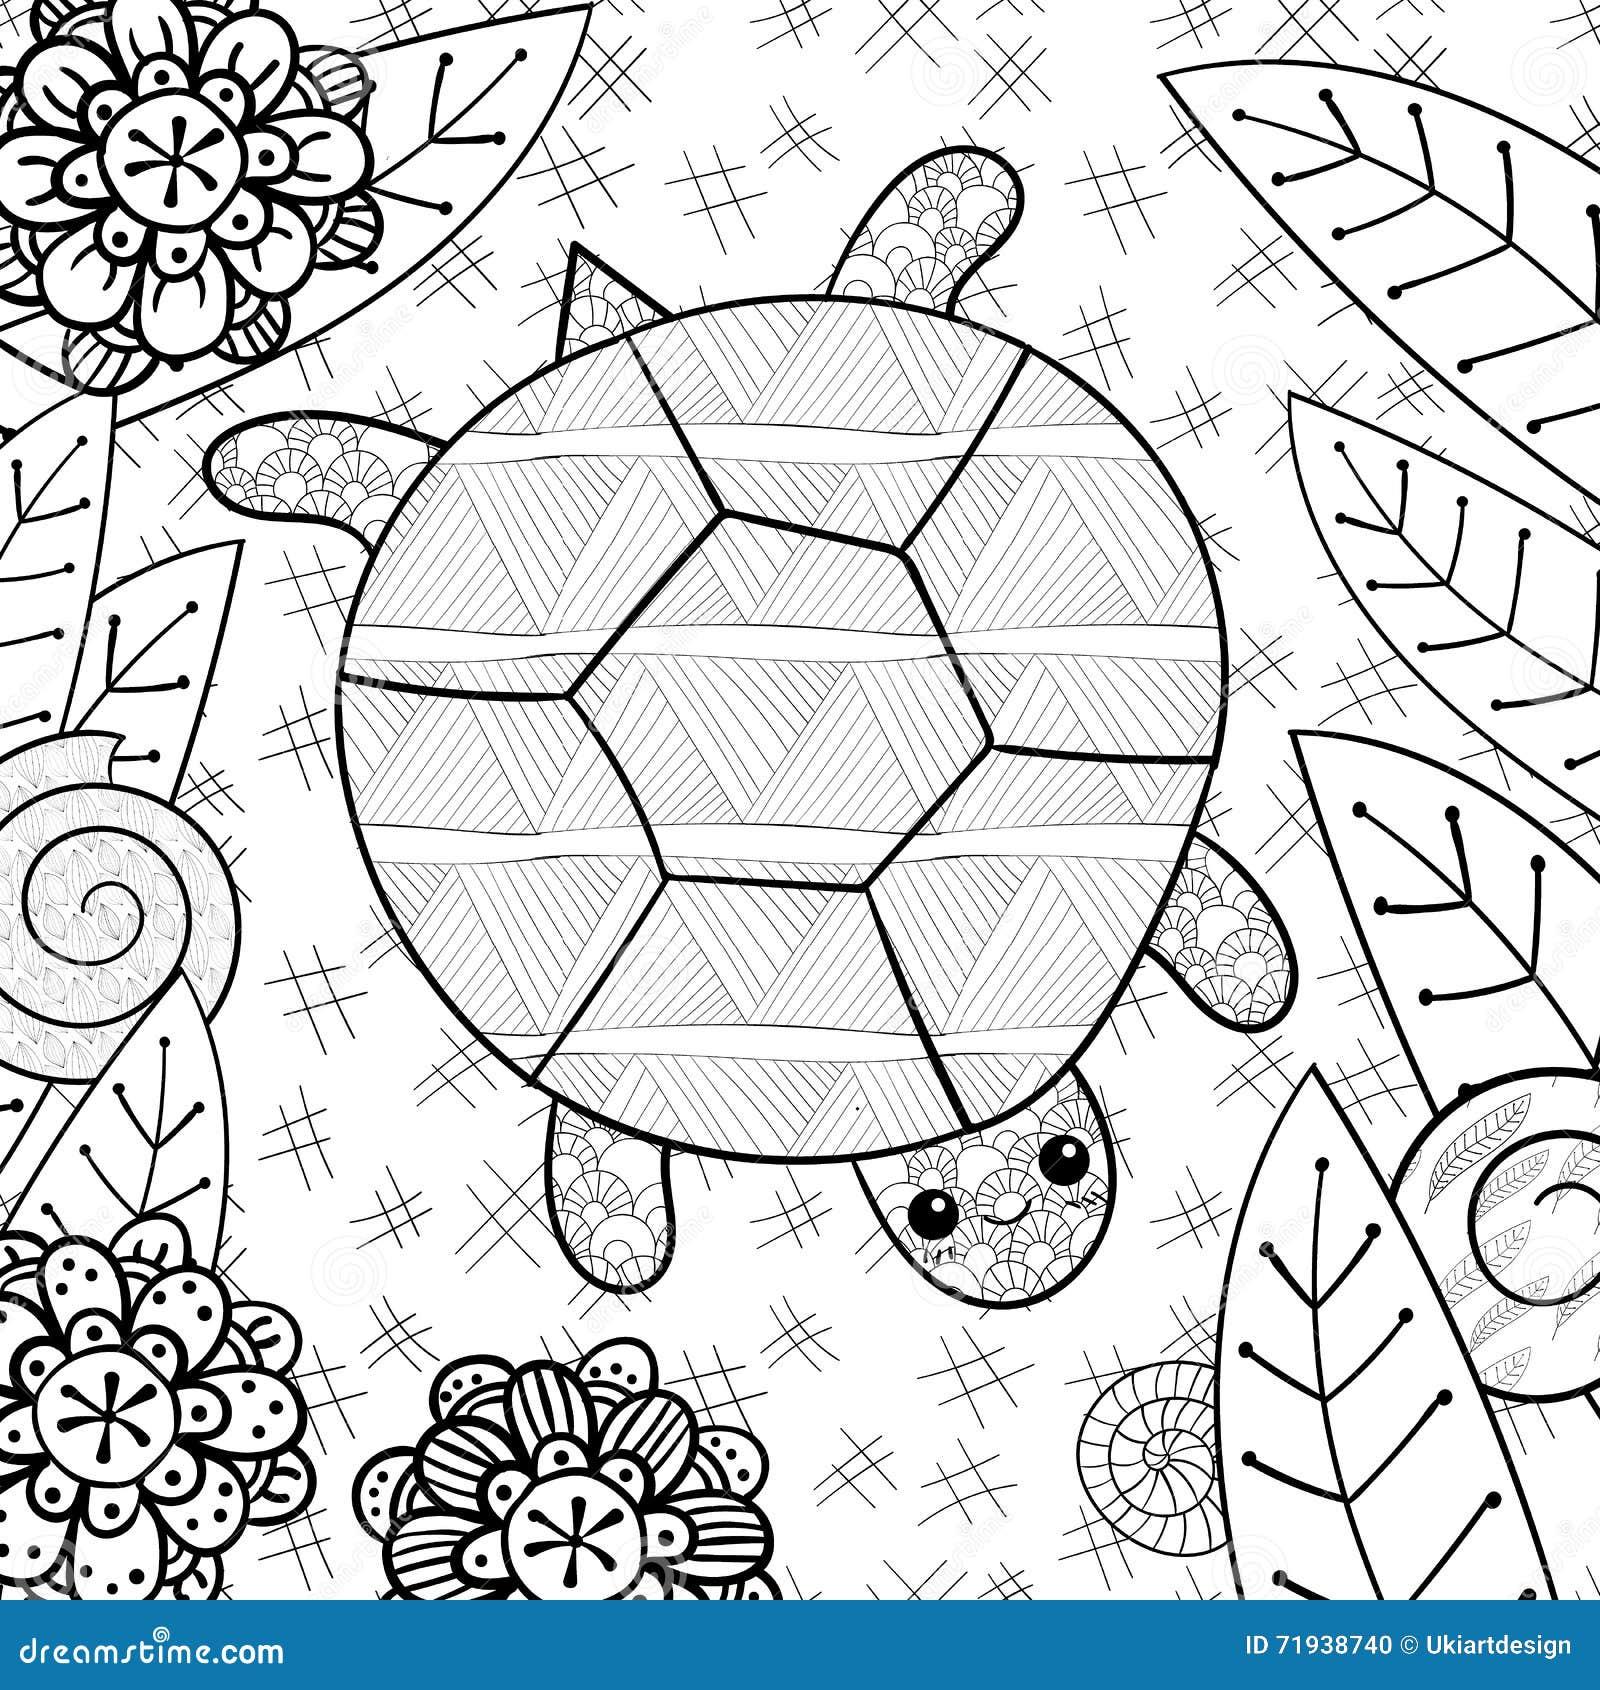 Großzügig Schildkröte Malbuch Ideen - Beispiel Wiederaufnahme ...